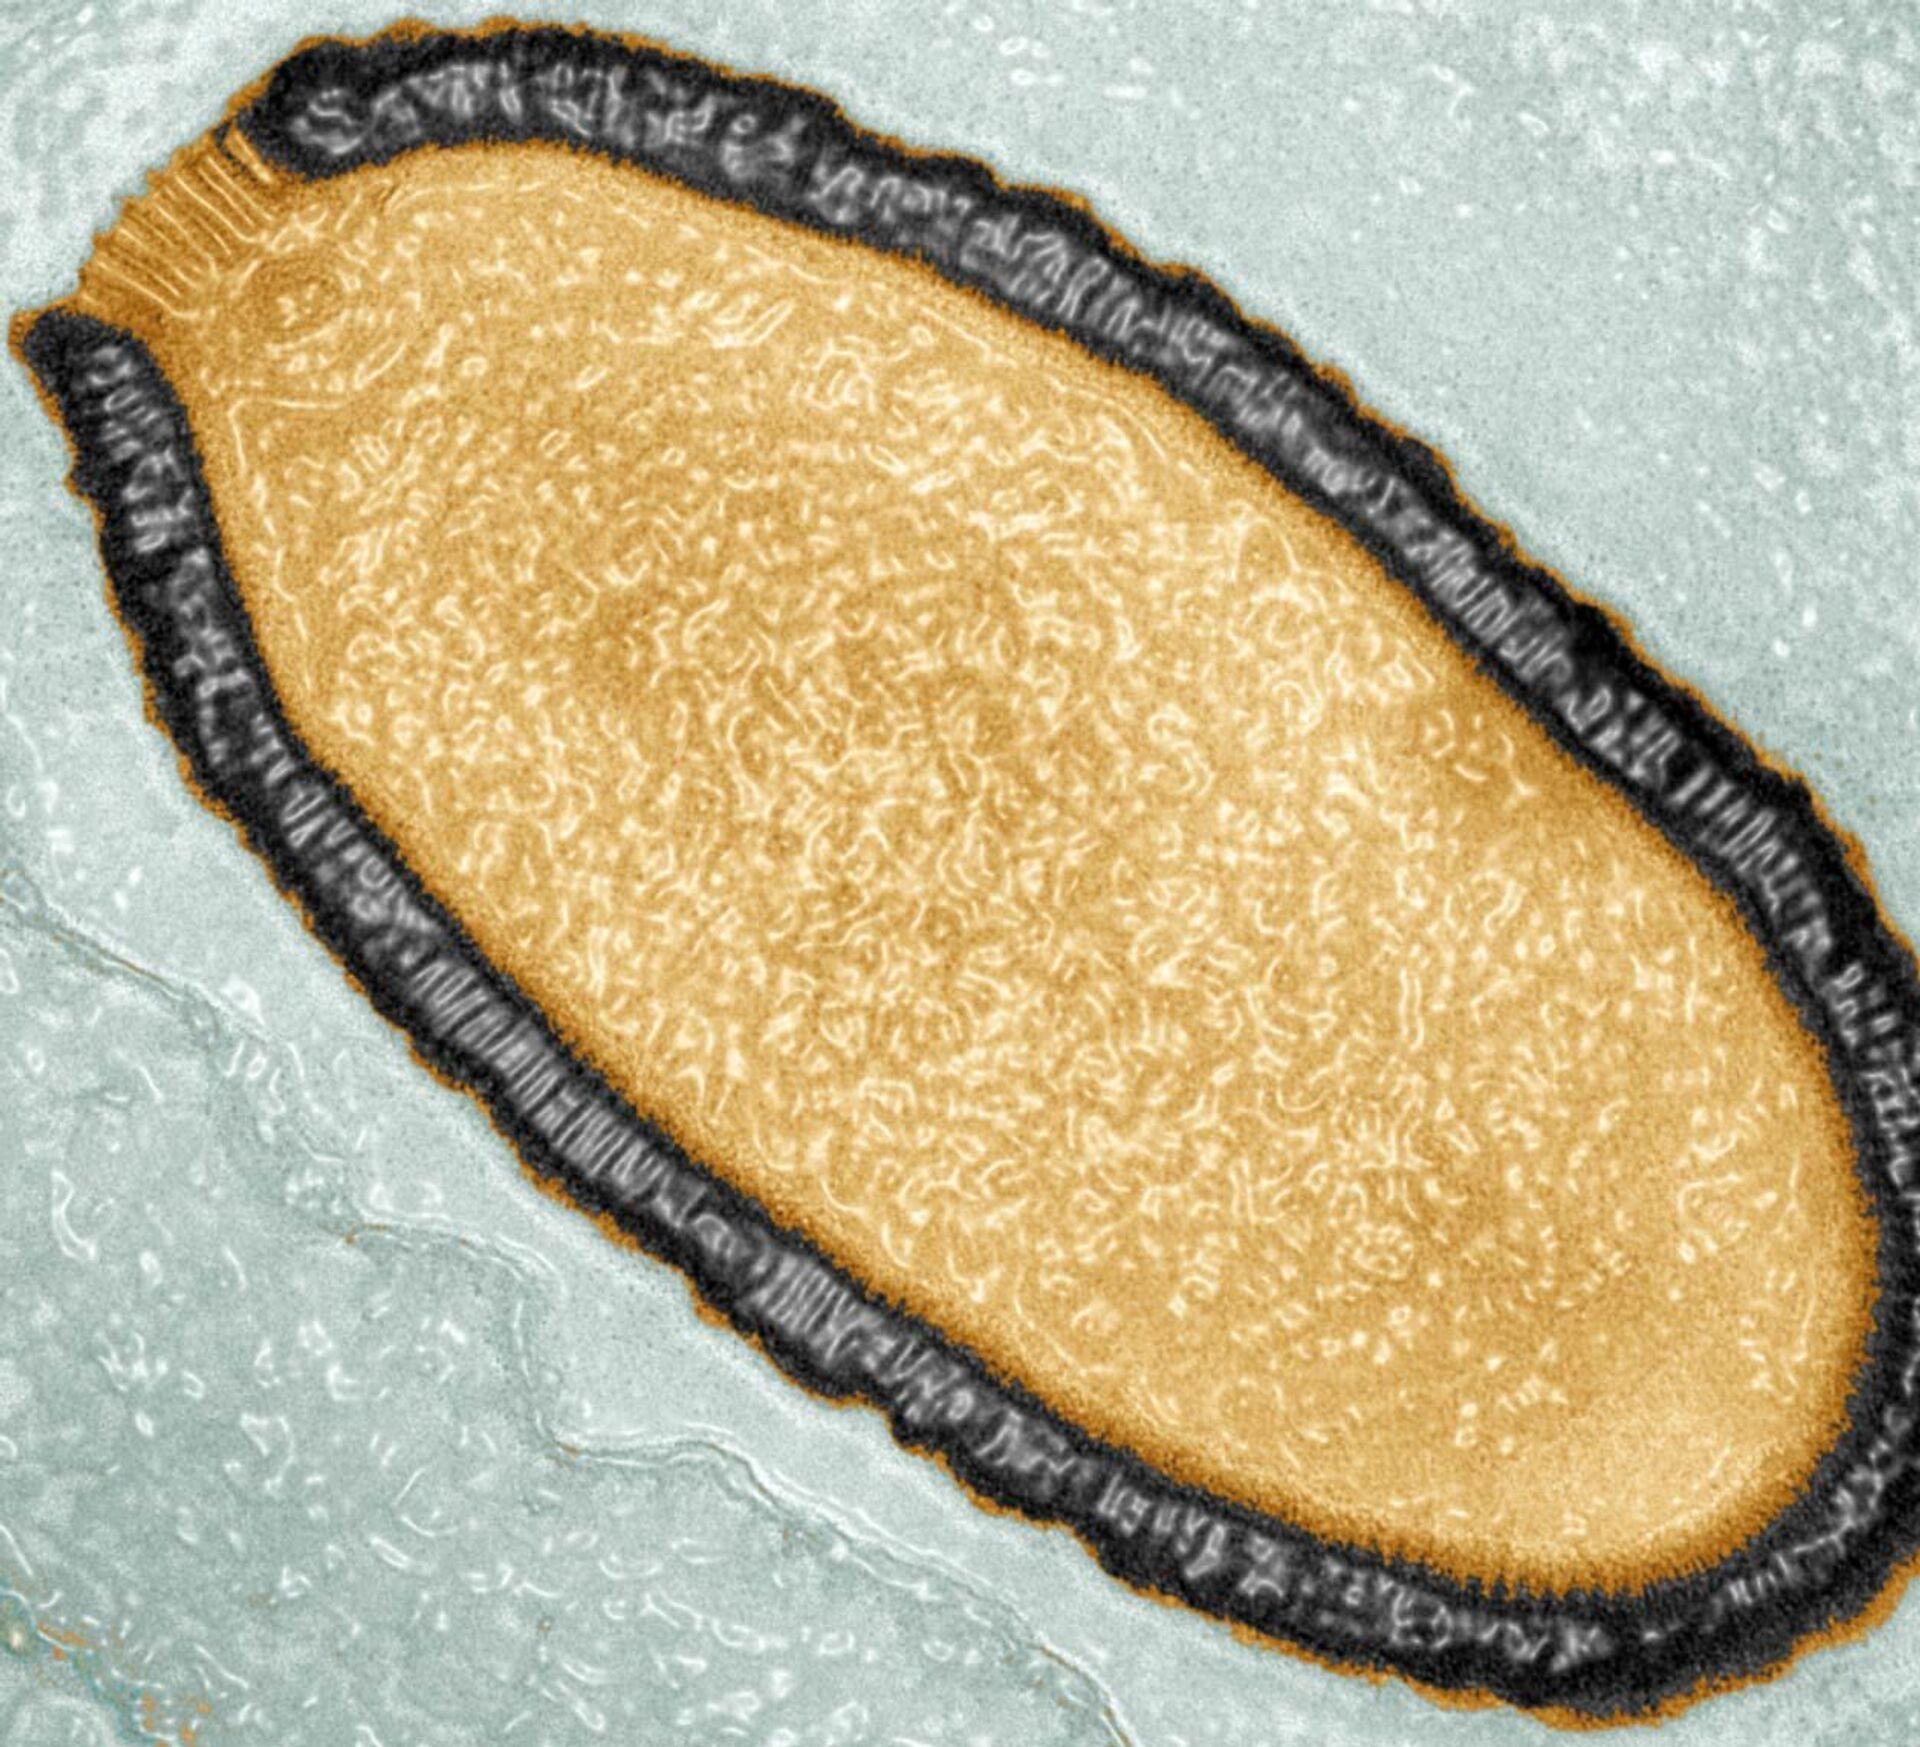 Các virus và vi khuẩn cổ xưa được phát hiện trong lớp băng vĩnh cửu nguy hiểm như thế nào? - Sputnik Việt Nam, 1920, 07.03.2021